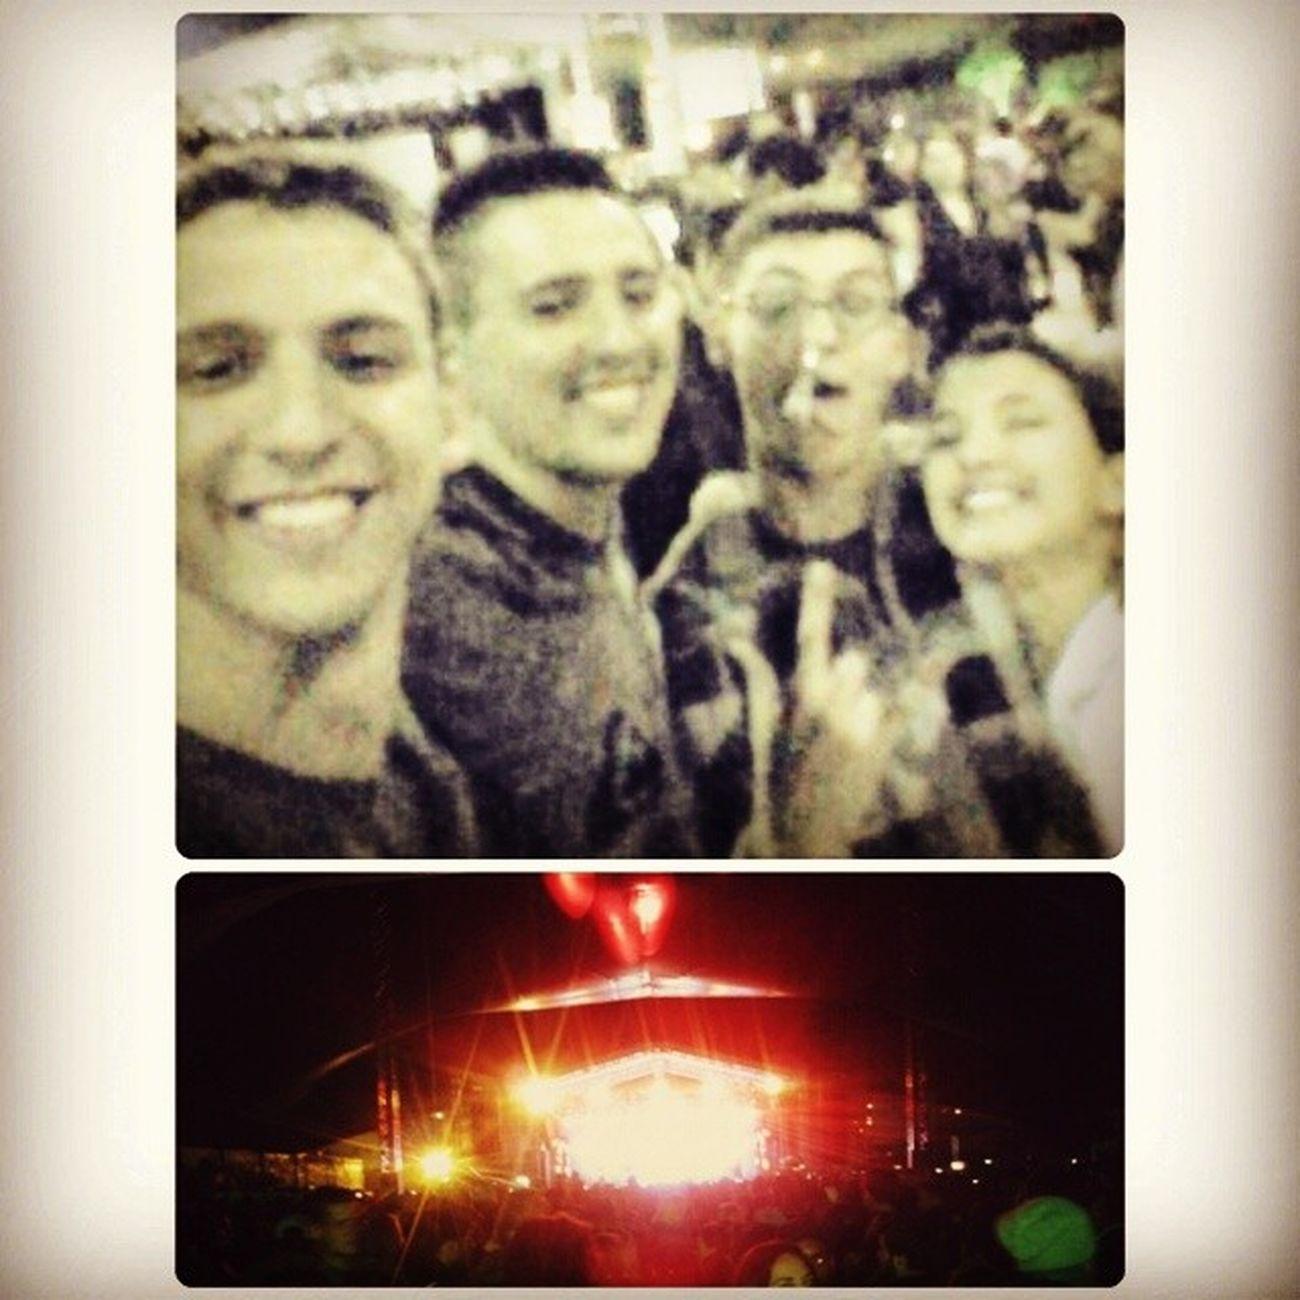 Que noite, que show! Está faltando a @janaa_azevedo, o igor e a gi pq só lembramos da selfie no final! quero maaaaaaais (: Deontem Festivaldochocolate Thaemeethiago Amigos muitobom amei